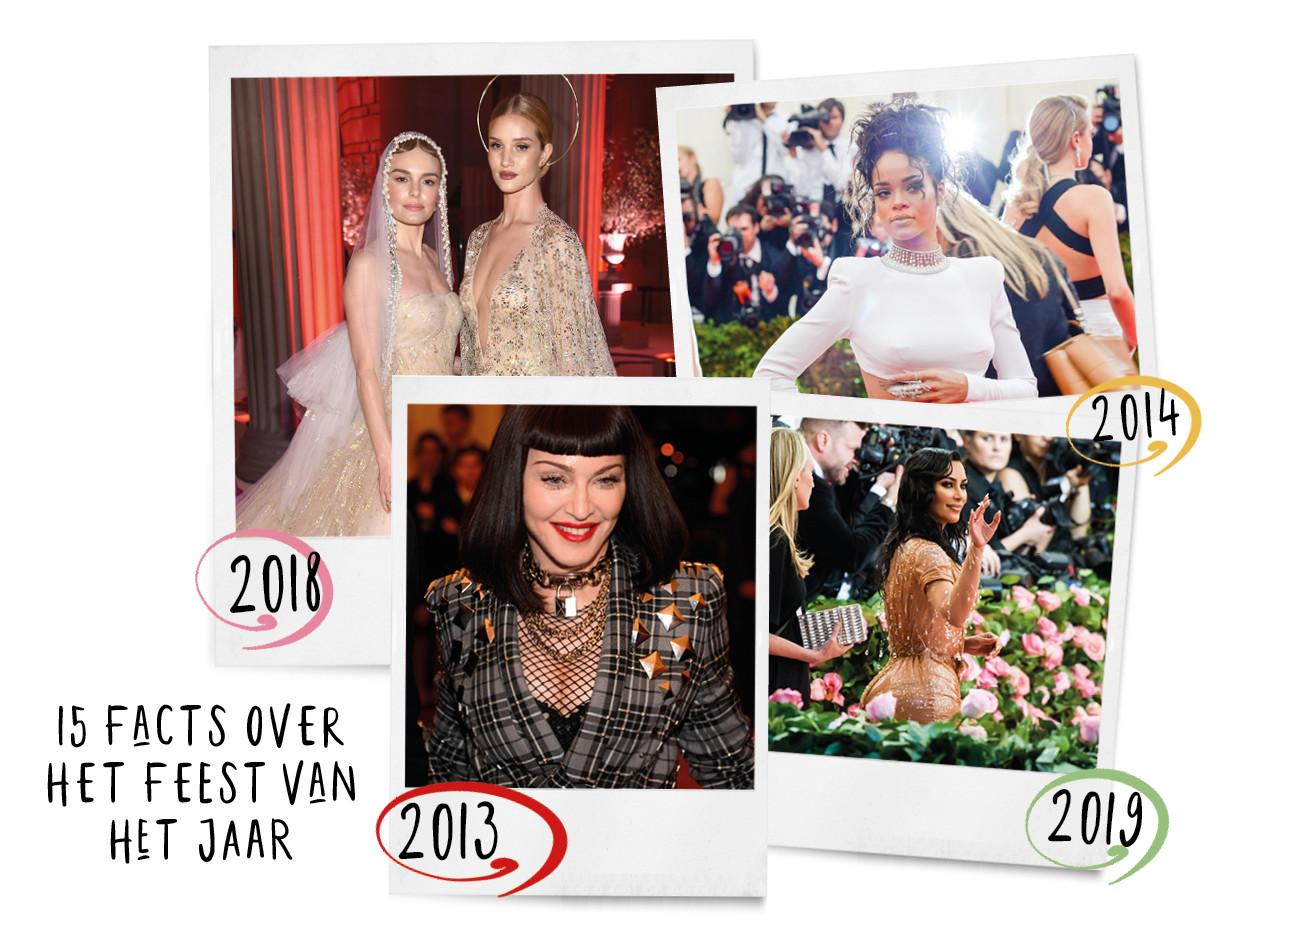 Het Met Gala, dat eigenlijk het Costume Institute Gala heet maar kniesoor, is pas op 4 mei, maar ik weet zeker dat het nu gonst en gutst in de hele New Yorkse socialite scene want wat moet je in vredesnaam aan bij een dresscode die luidt: About Time, Fashion and Duration.